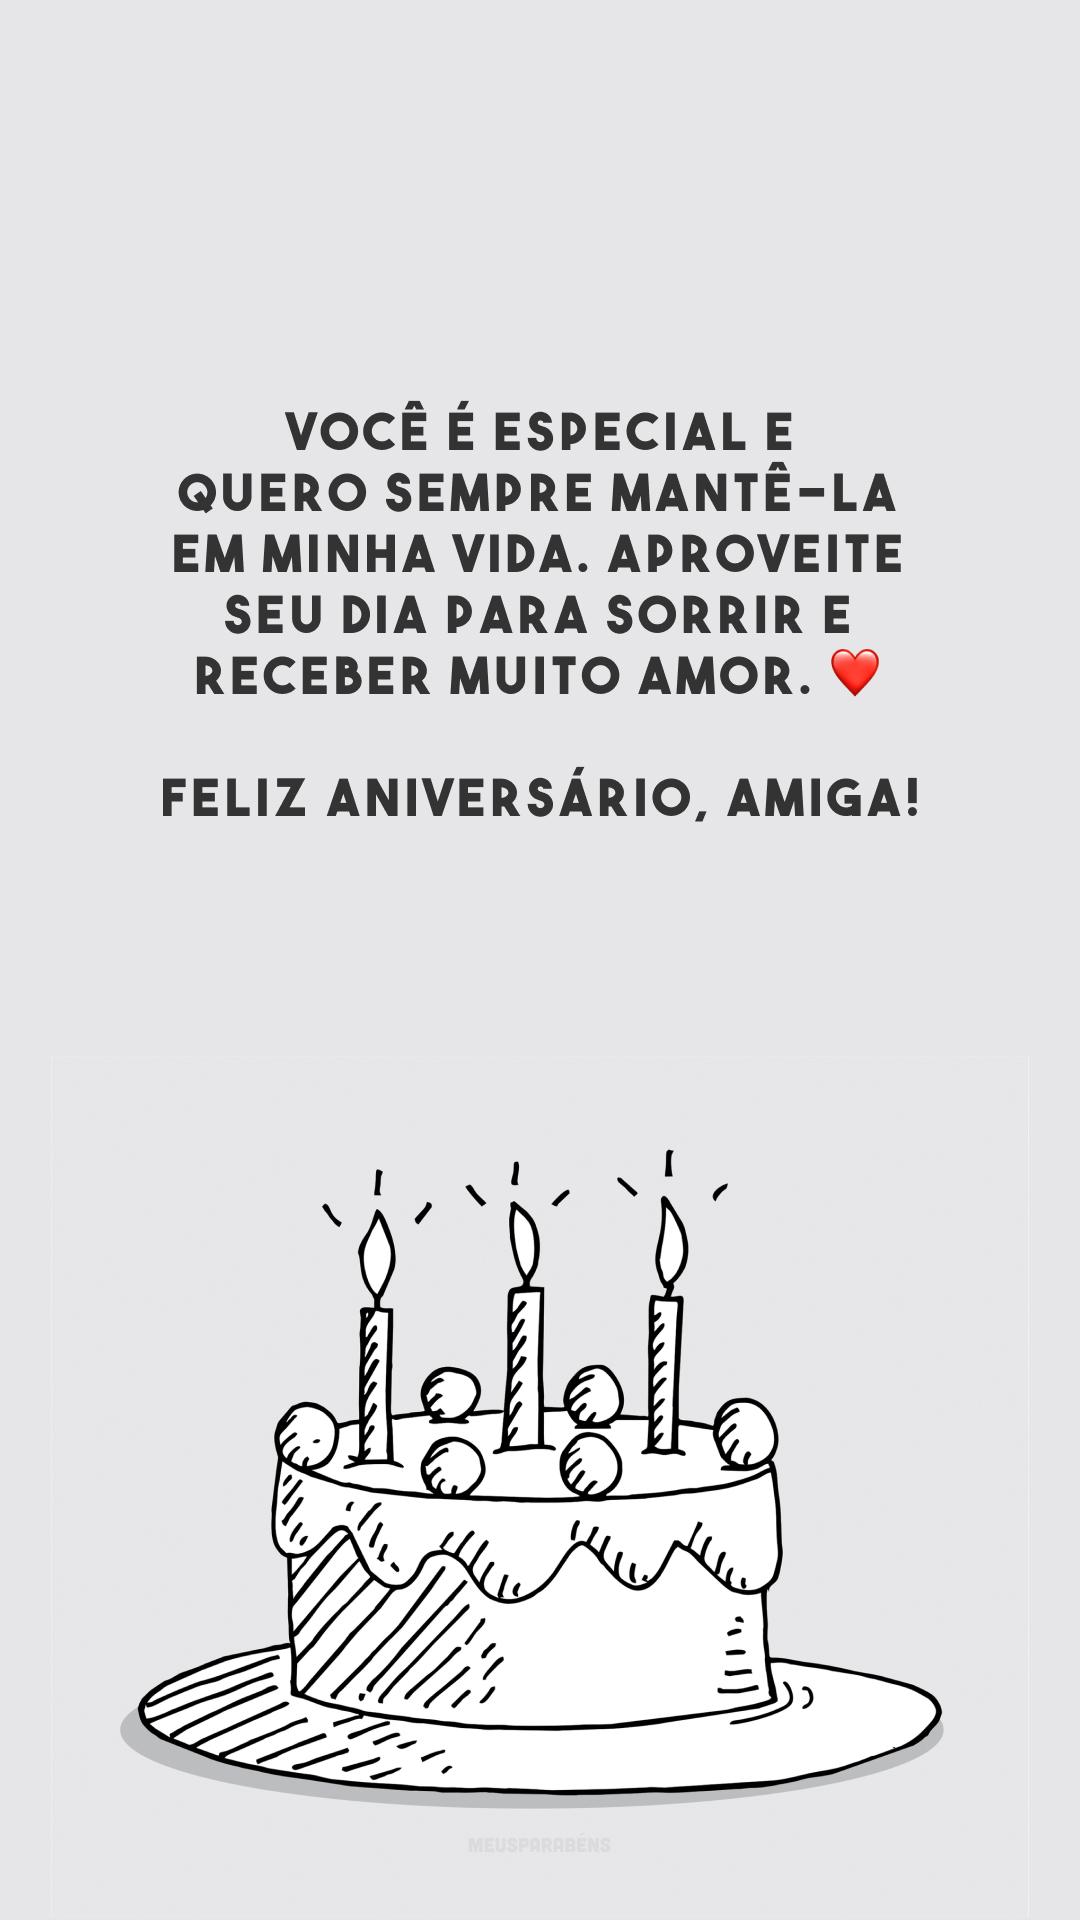 Você é especial e quero sempre mantê-la em minha vida. Aproveite seu dia para sorrir e receber muito amor. ❤️ Feliz aniversário, amiga!